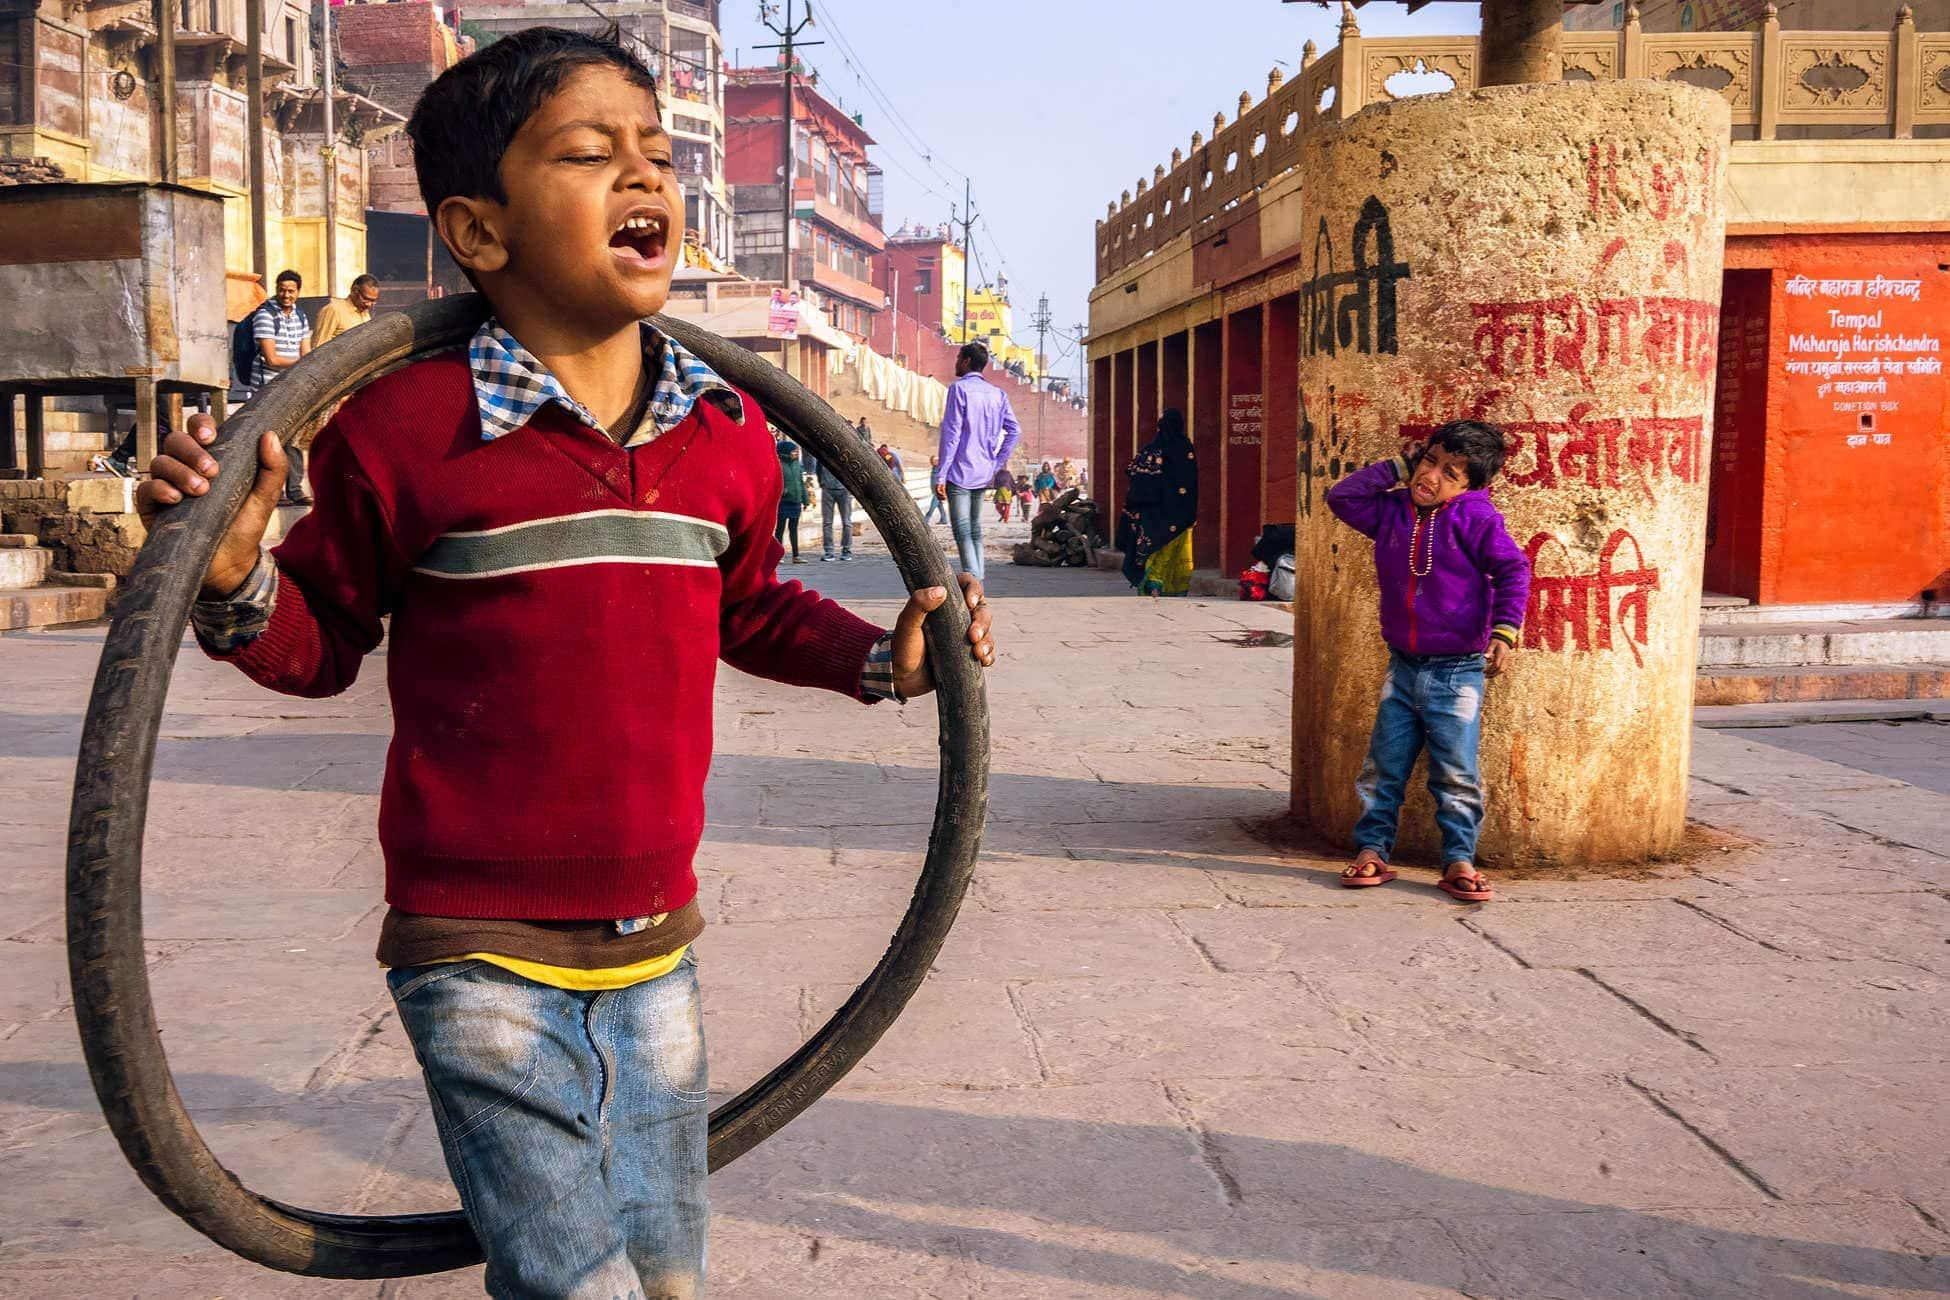 Varanasi street photography